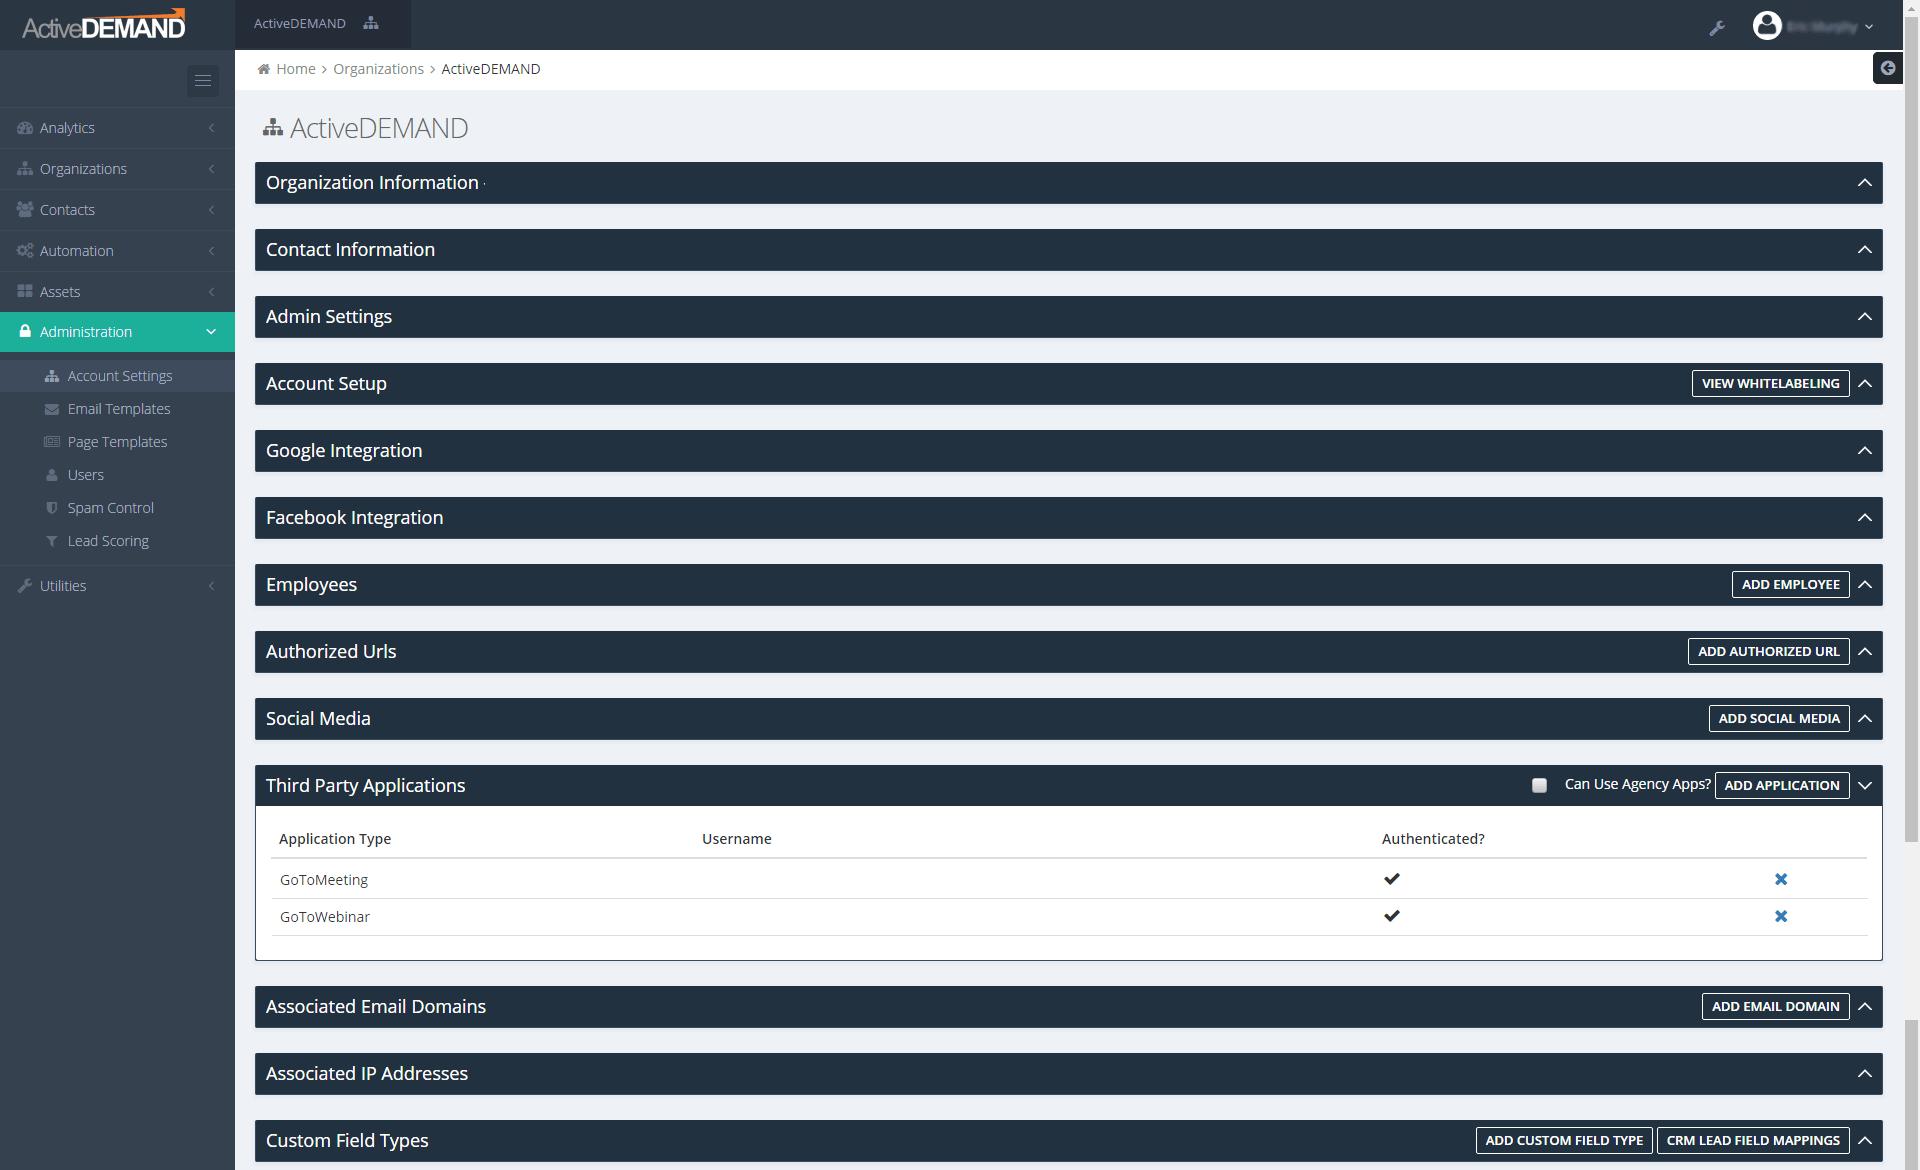 JumpDEMAND Screenshot 1